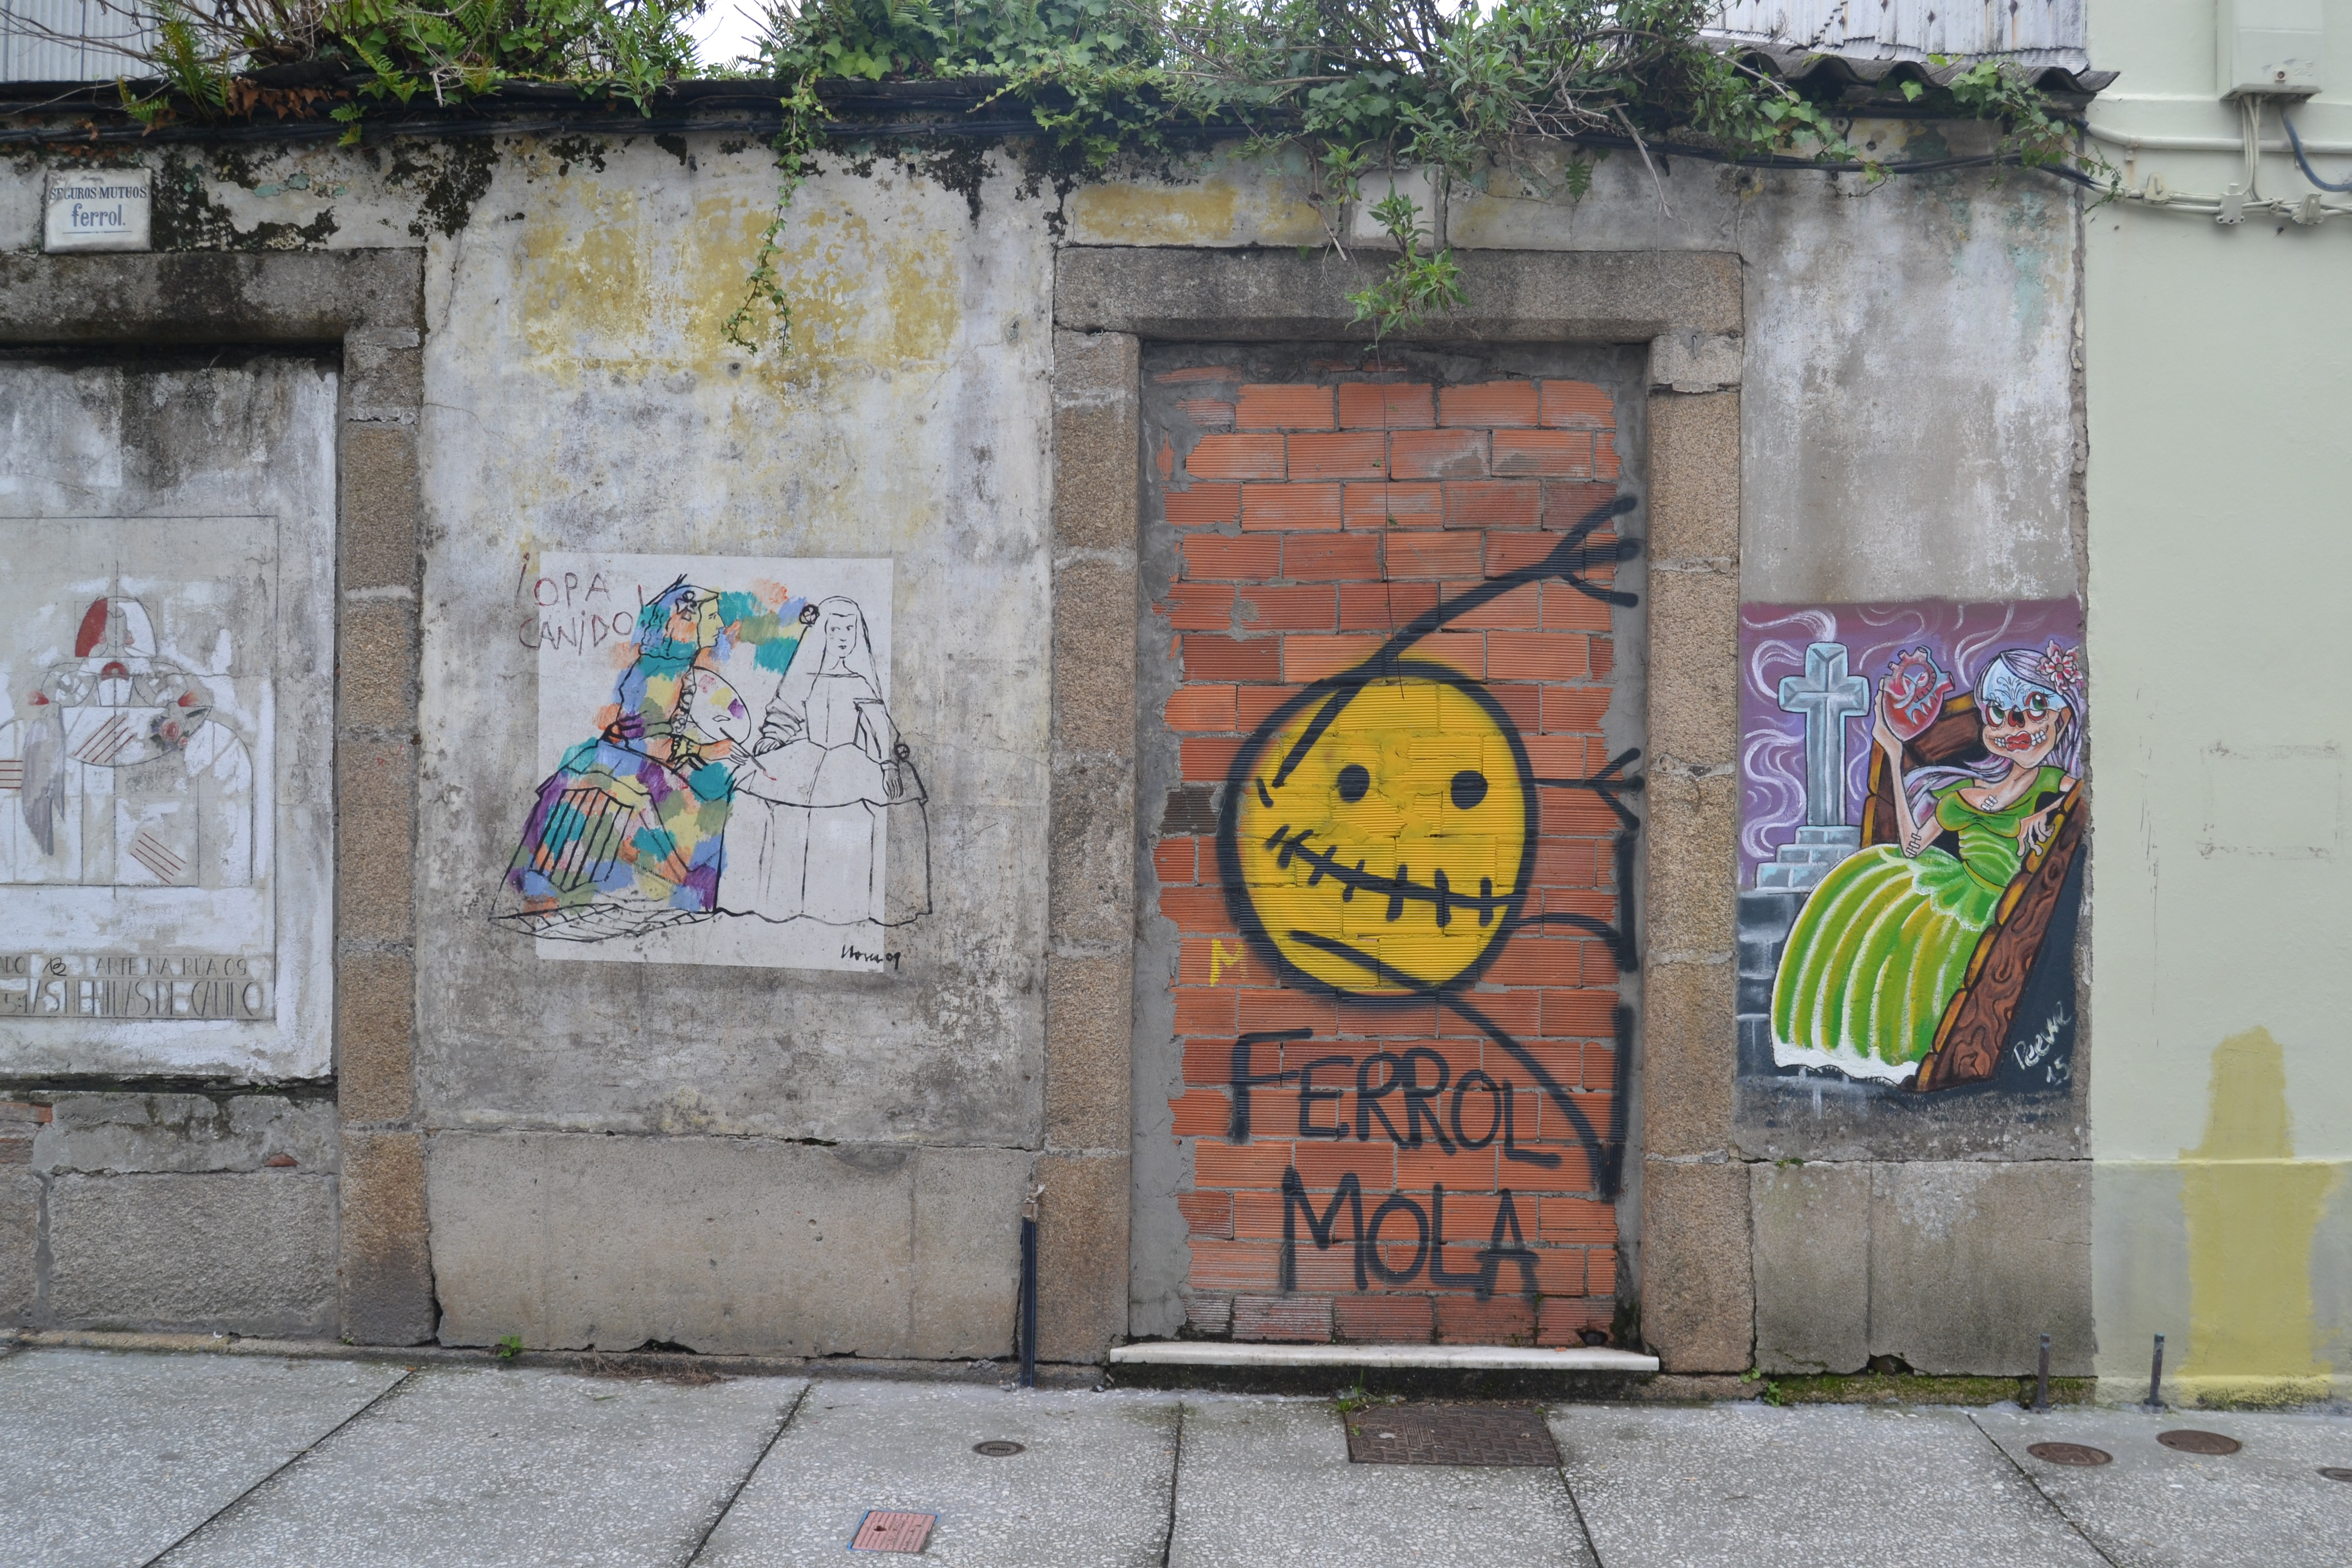 Pintada presente en muchos puntos de la ciudad  © Natalia Saavedra